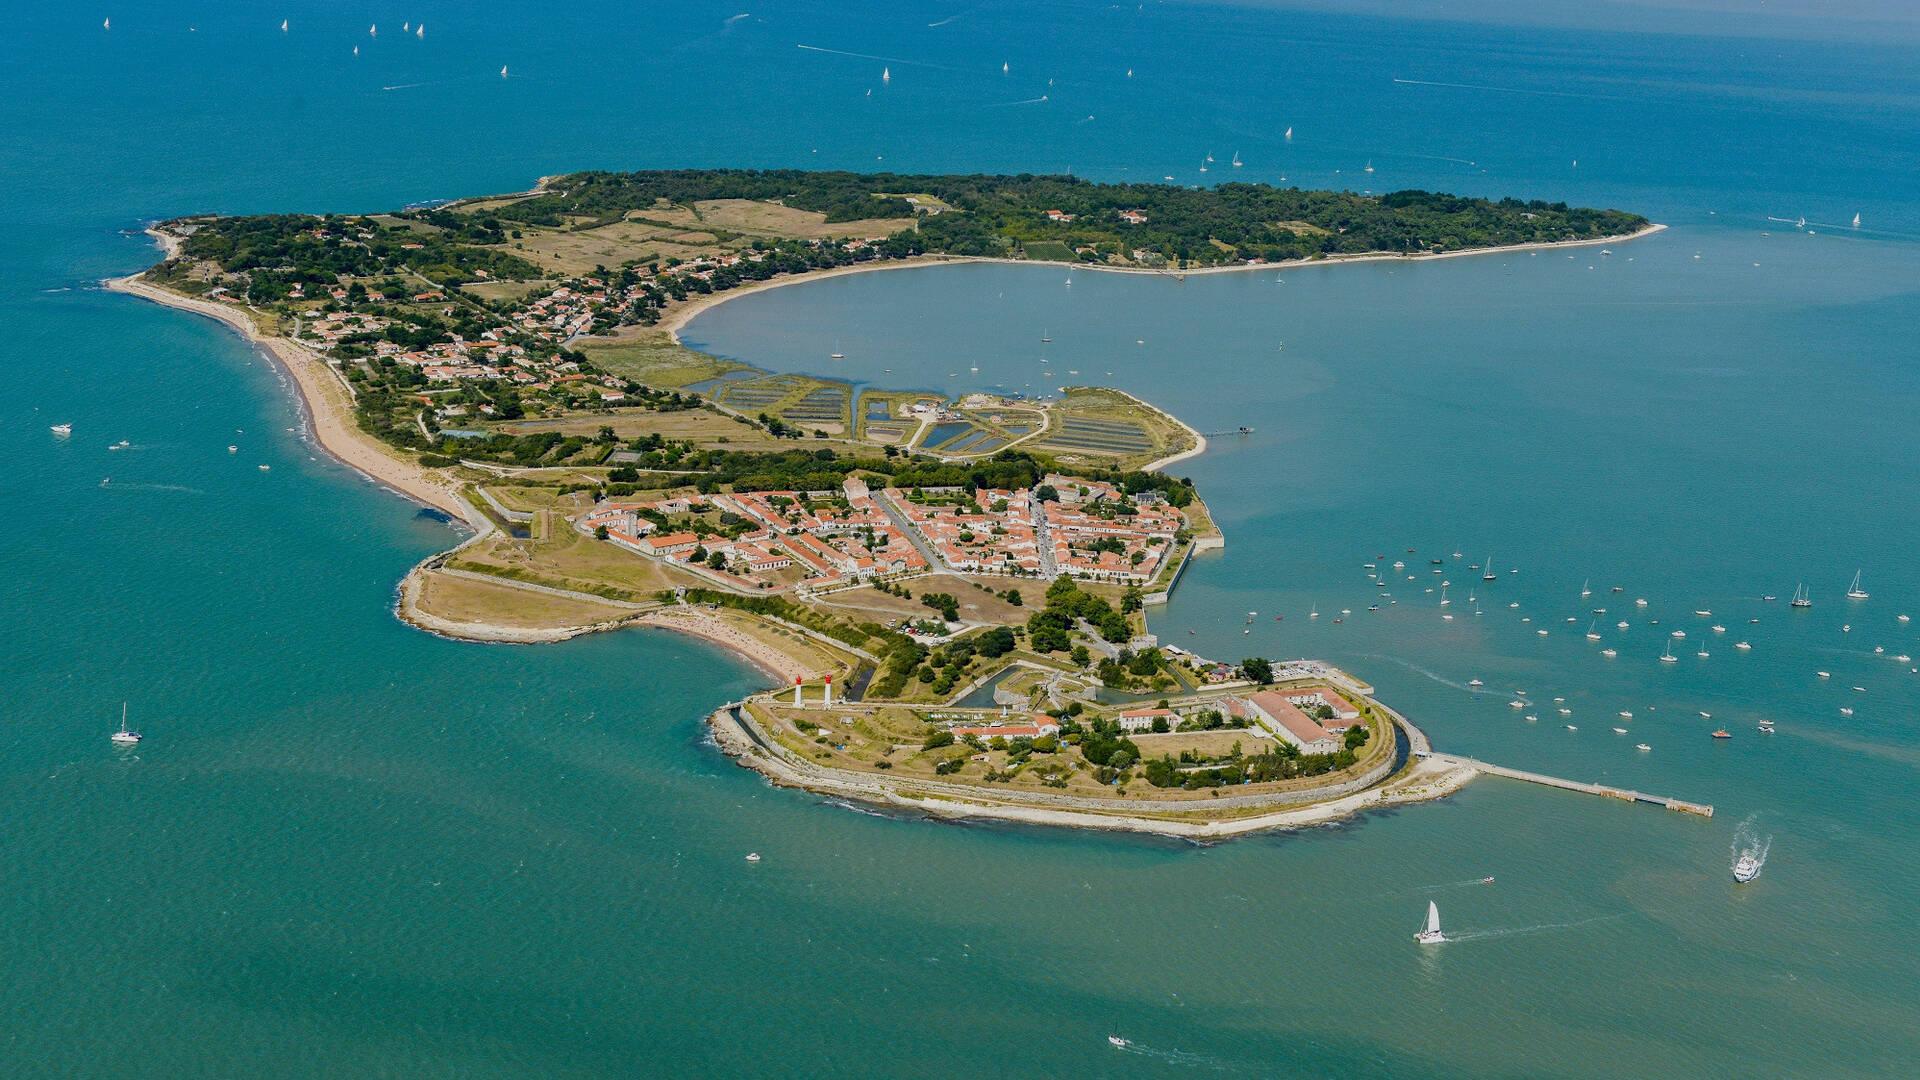 Vue aérienne de l'île d'Aix - ©Philippe Laplace